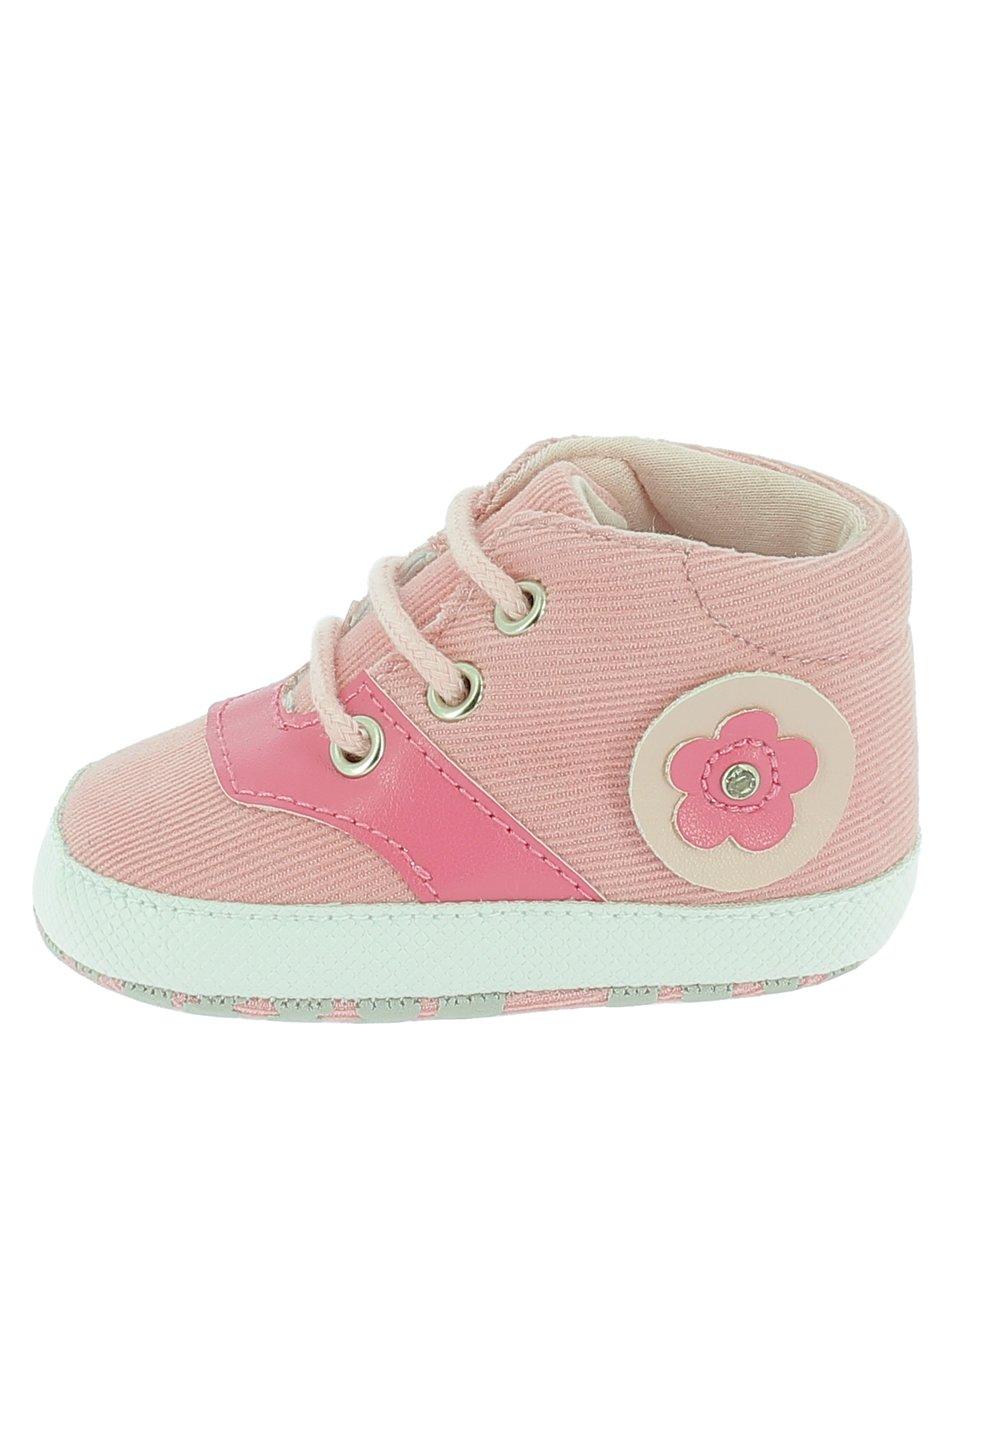 Papucei bebe, roz cu siret si floricica imagine